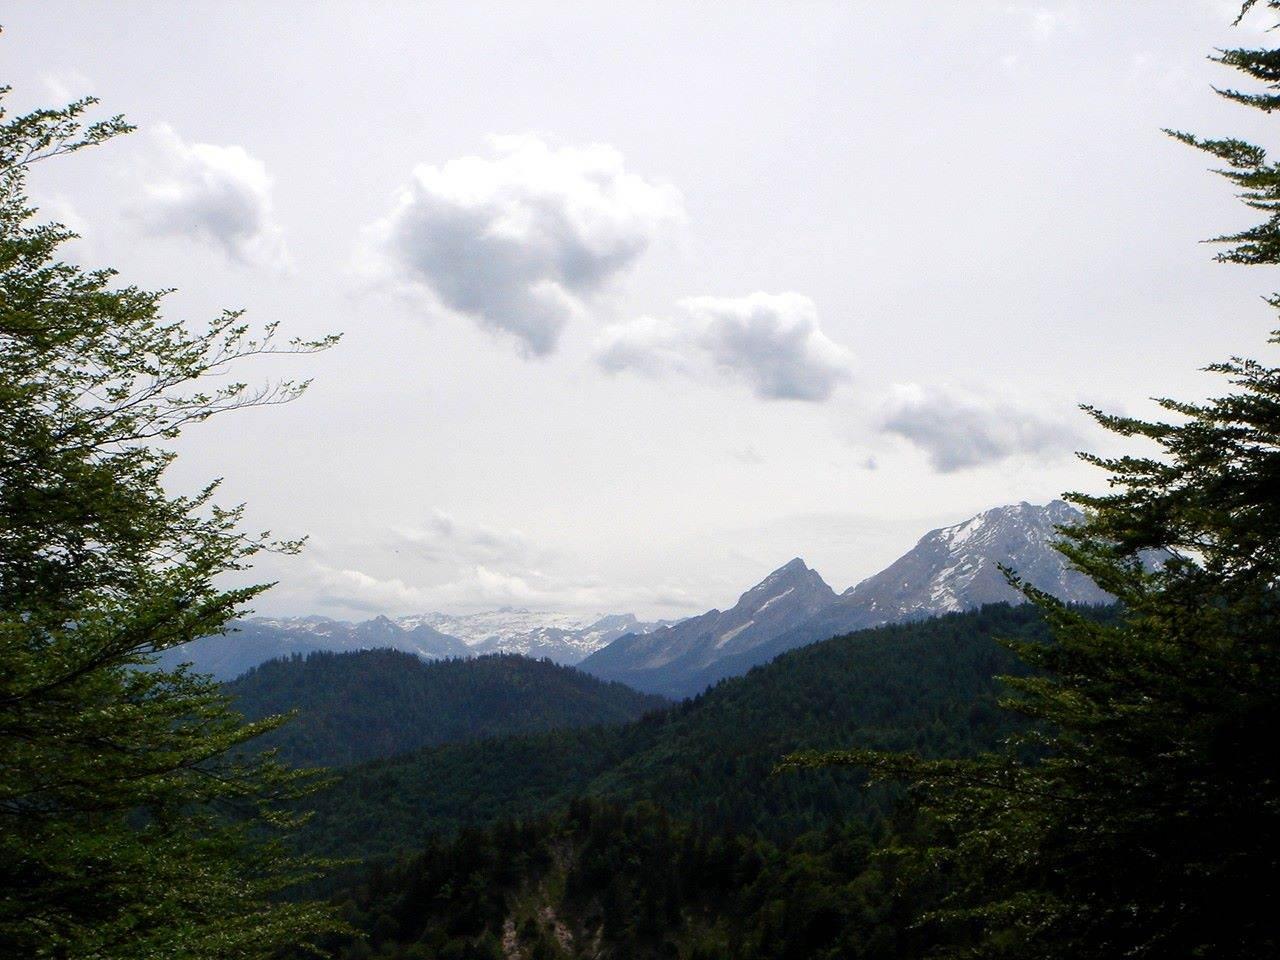 Foto: Manfred Karl / Wander Tour / Törlkopf, 1704 m / Übergossene Alm und Watzmannstock. / 03.06.2007 20:54:51